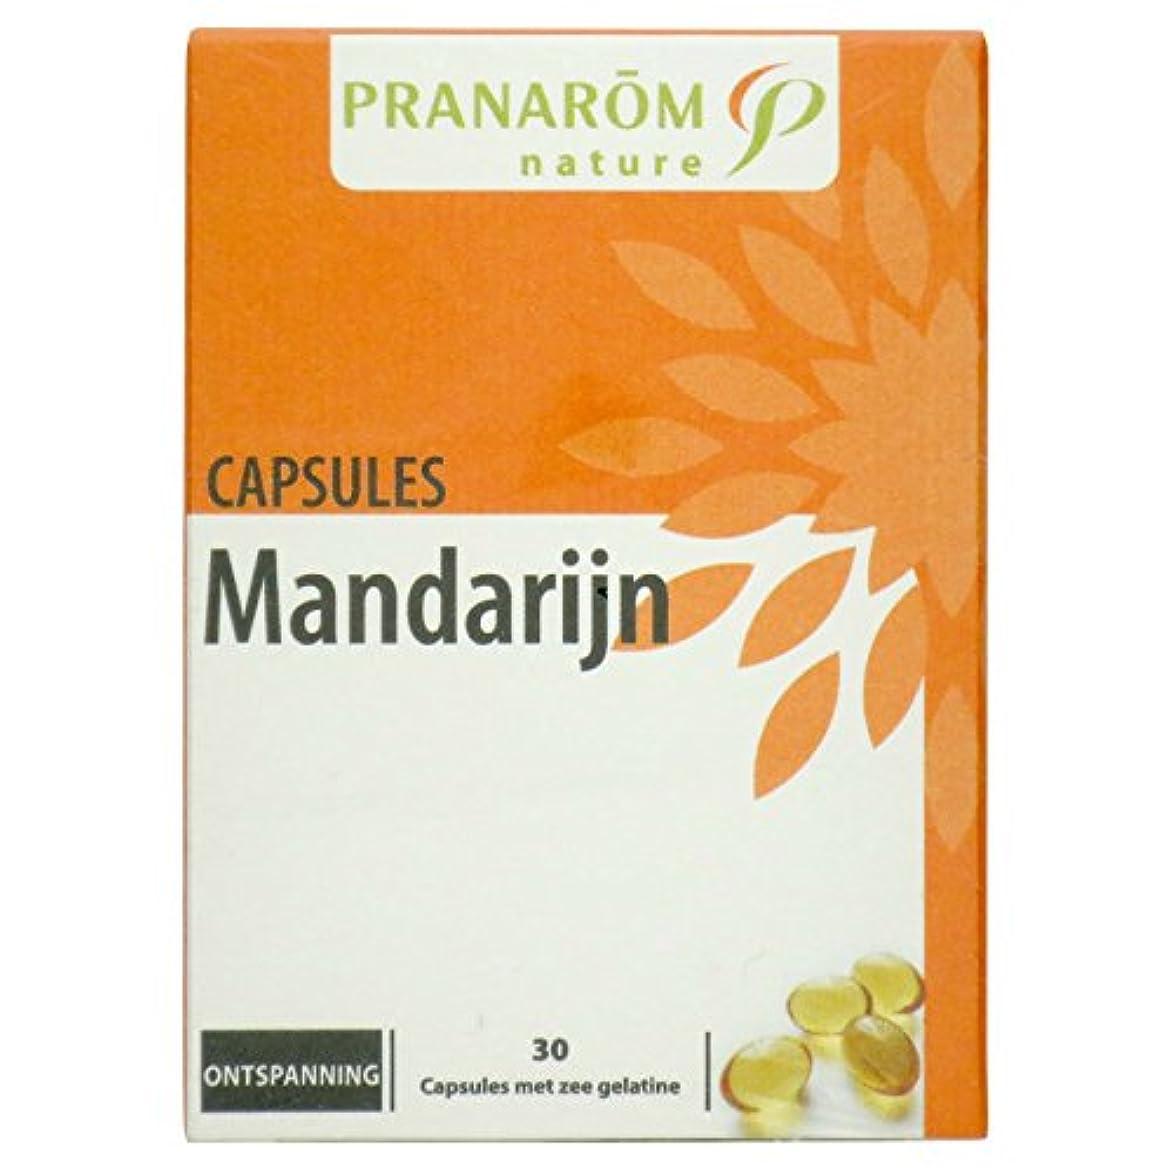 責任歪める海プラナロム マンダリンカプセル 30粒 (PRANAROM サプリメント)